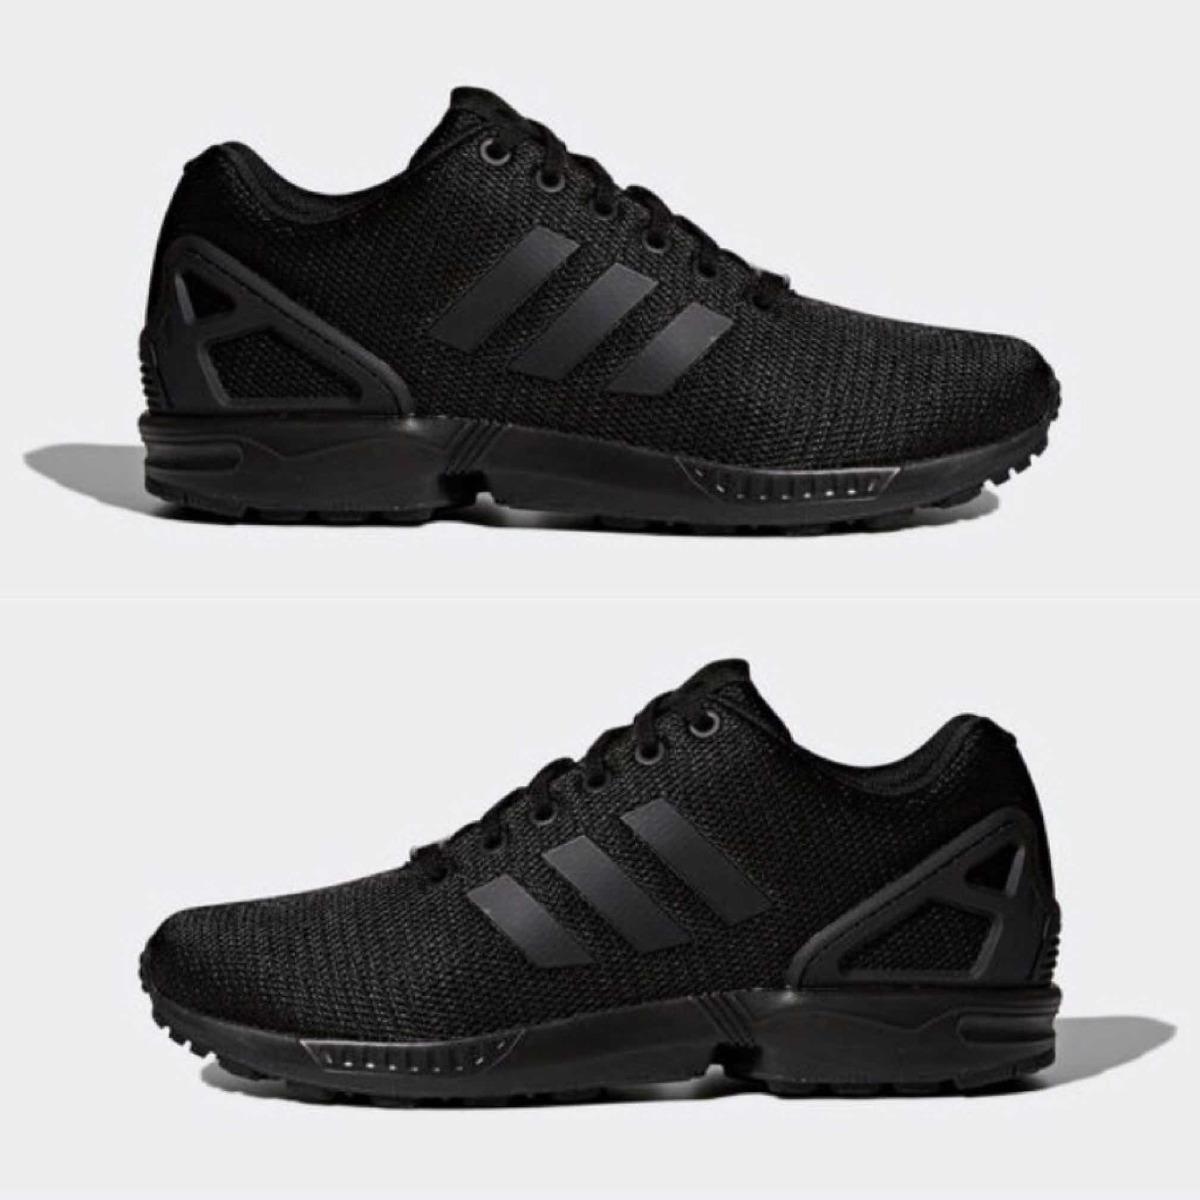 c4ac9894ae6c4 good zapatillas adidas zx flux negro blanco hombre 38c60 9caca  good tenis  adidas zx flux negro. talla 8. envío gratis. cargando zoom.